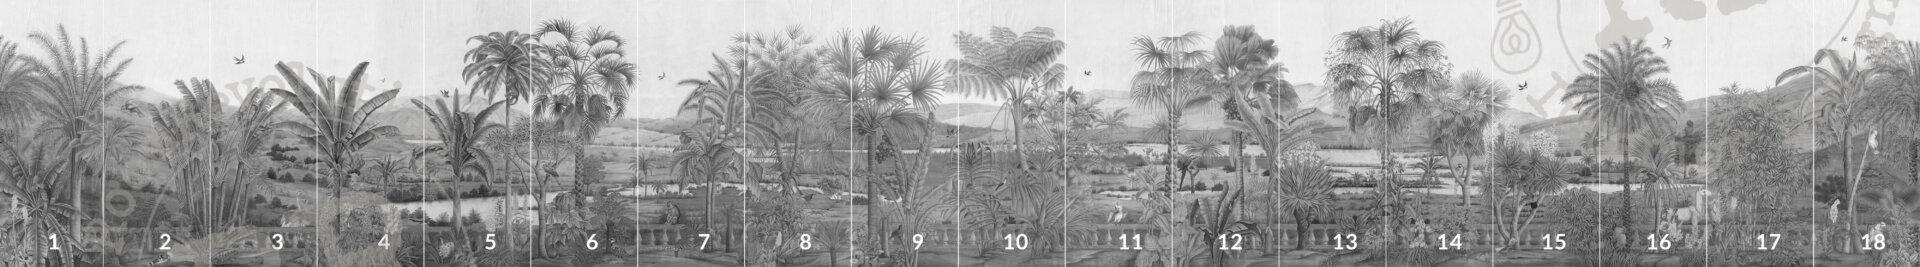 Overzicht van alle panelen van panormamabehang 'D-Dream' in kleur grey van merk IKSEL in small